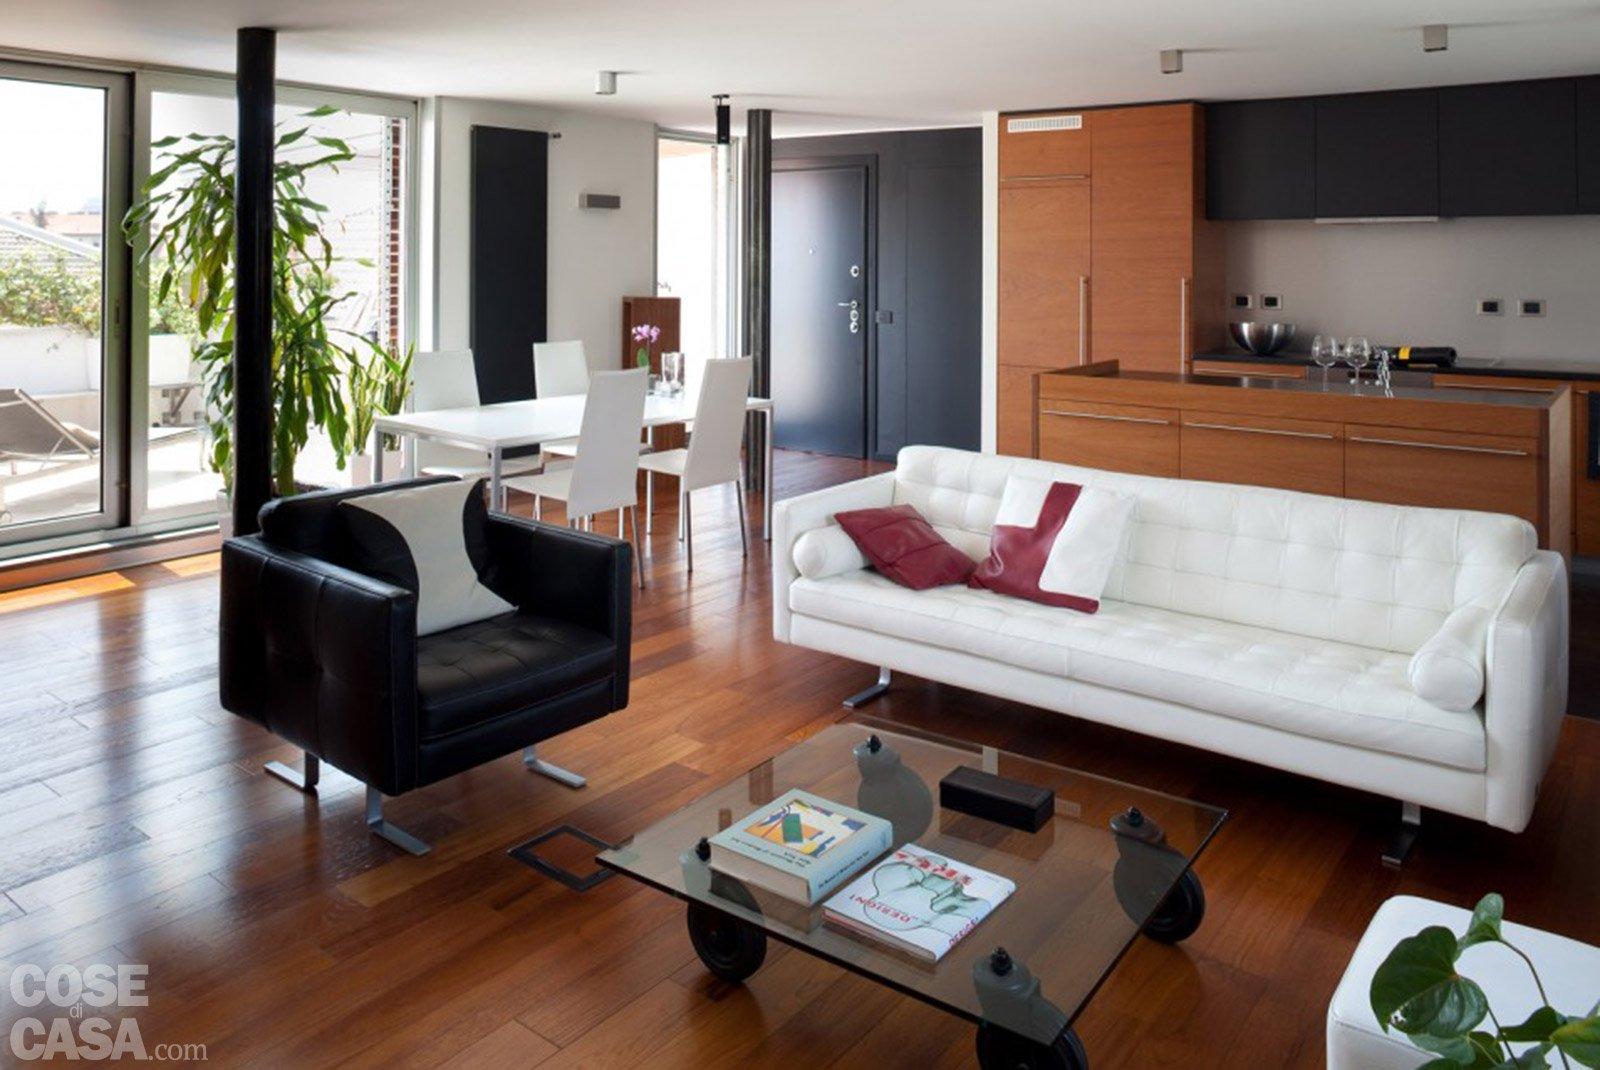 80 mq una casa per due perfetta per fare inviti cose for Soggiorno living